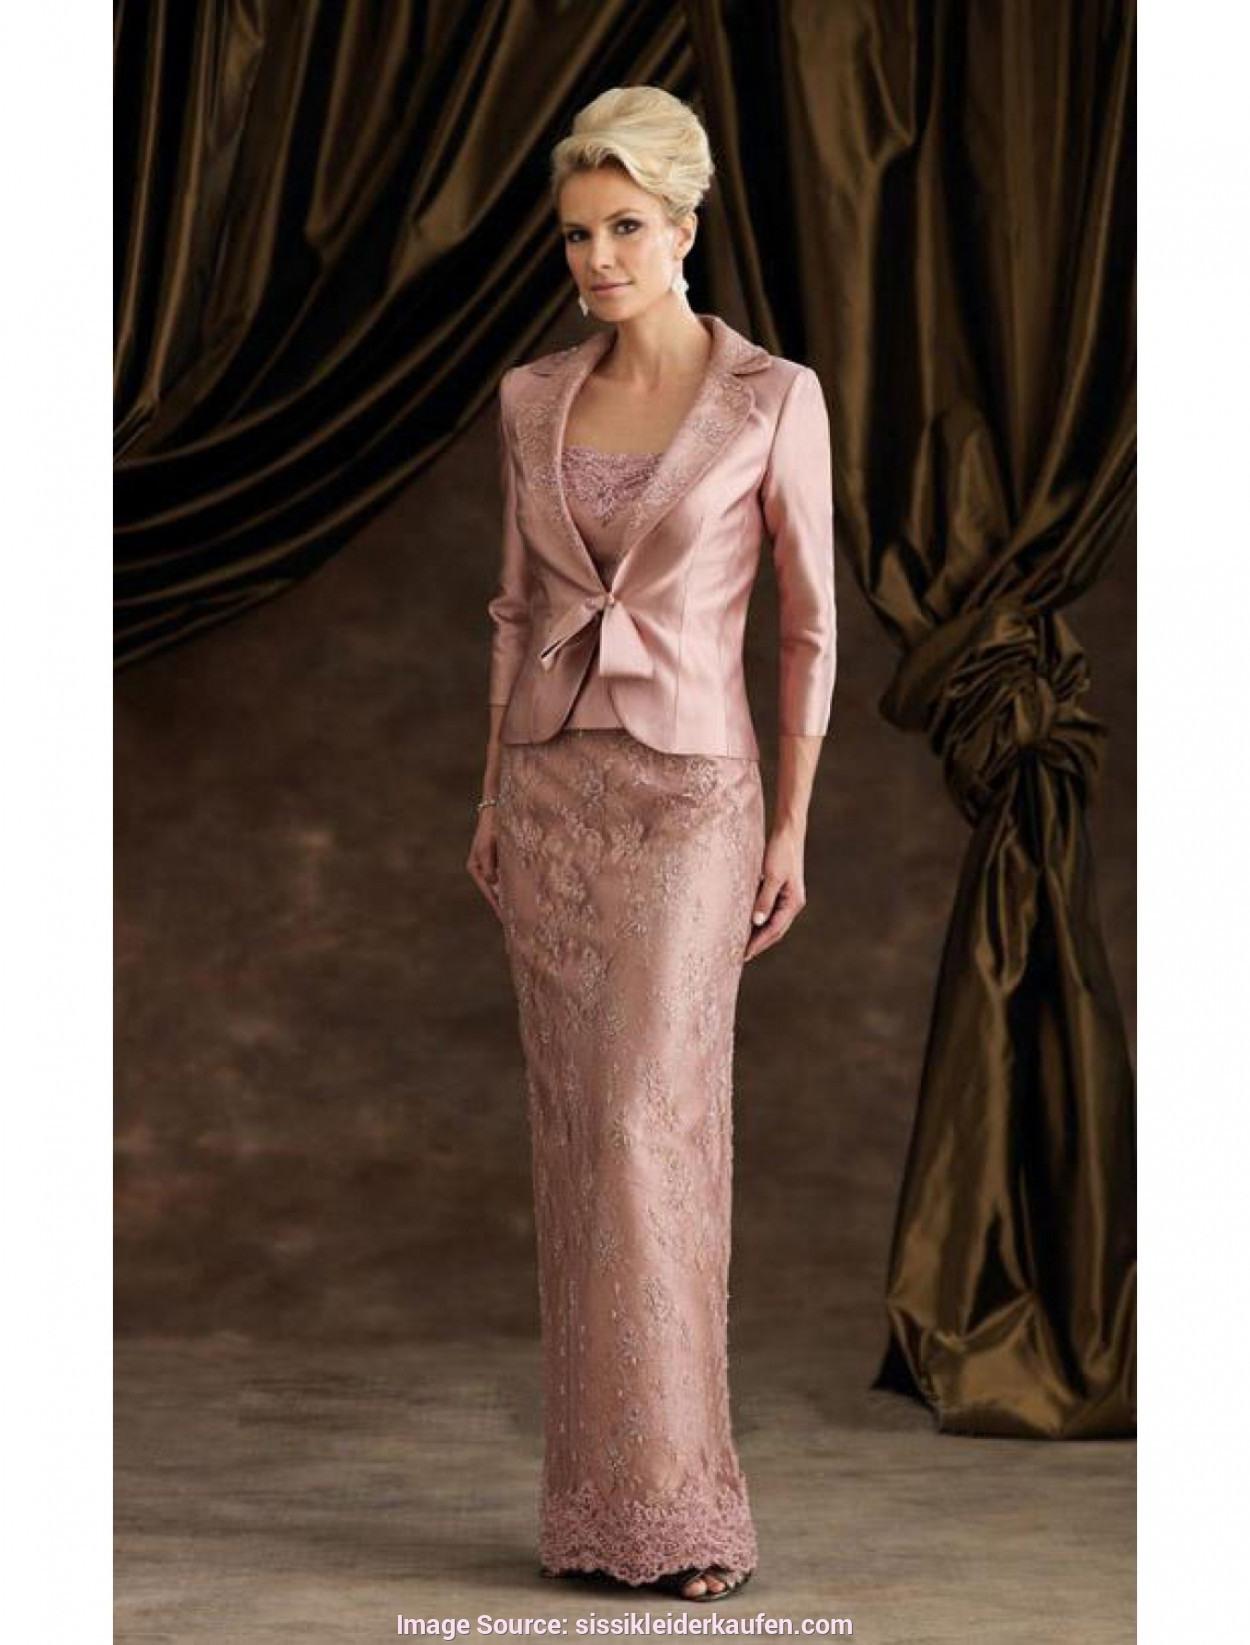 Designer Schön Kleider Für Ältere Frauen Vertrieb15 Coolste Kleider Für Ältere Frauen Bester Preis